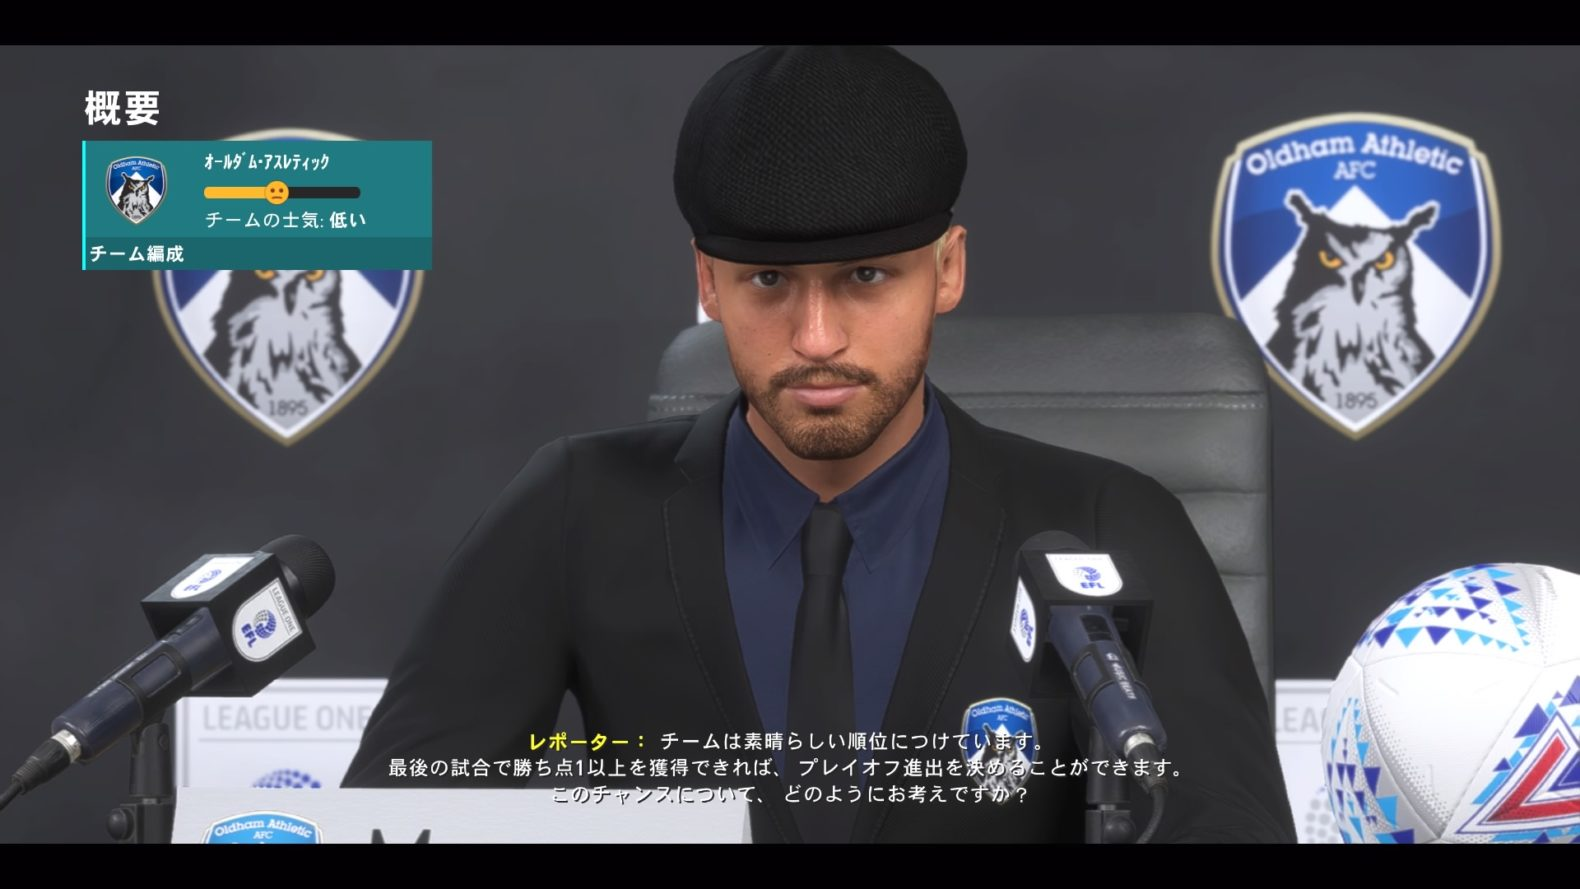 キャリア おすすめ fifa20 チーム モード